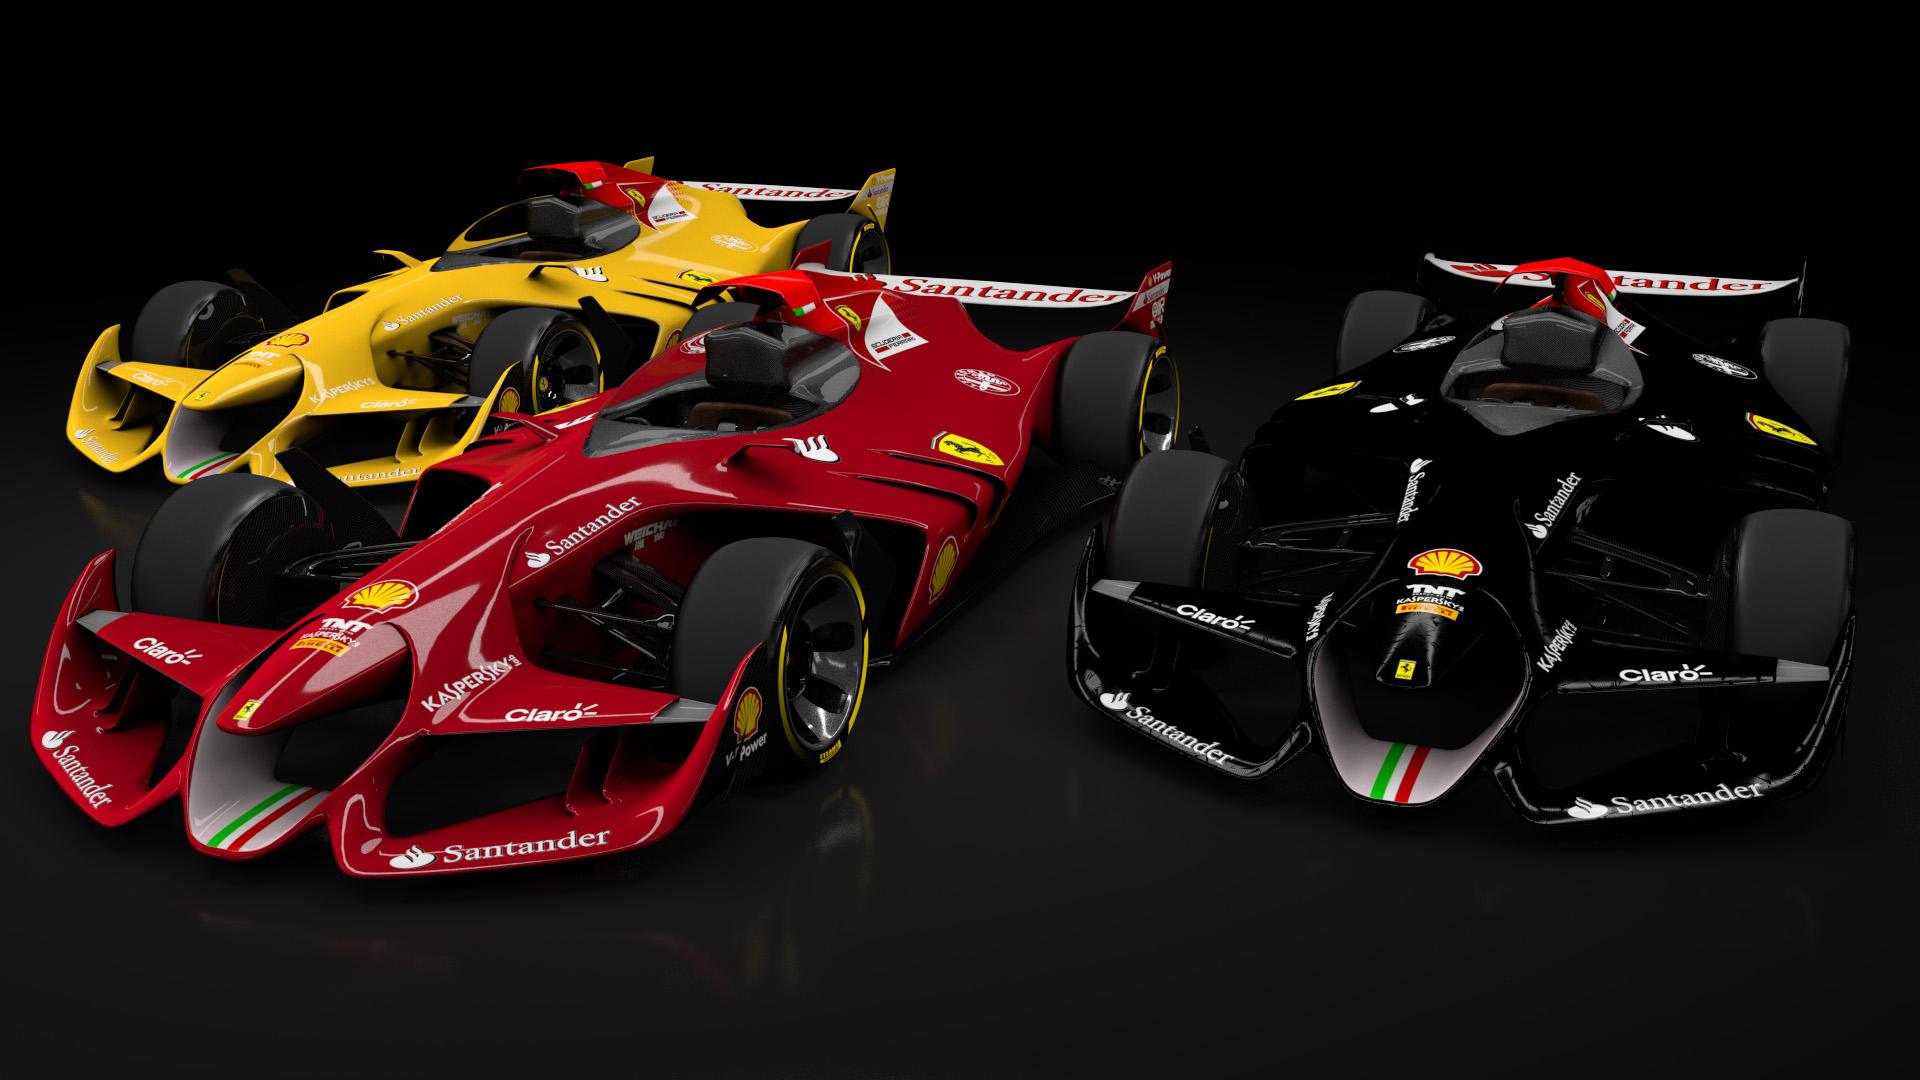 Videón a jövőbeni F1-es Ferrari: garantáltan leesik tőle az állad